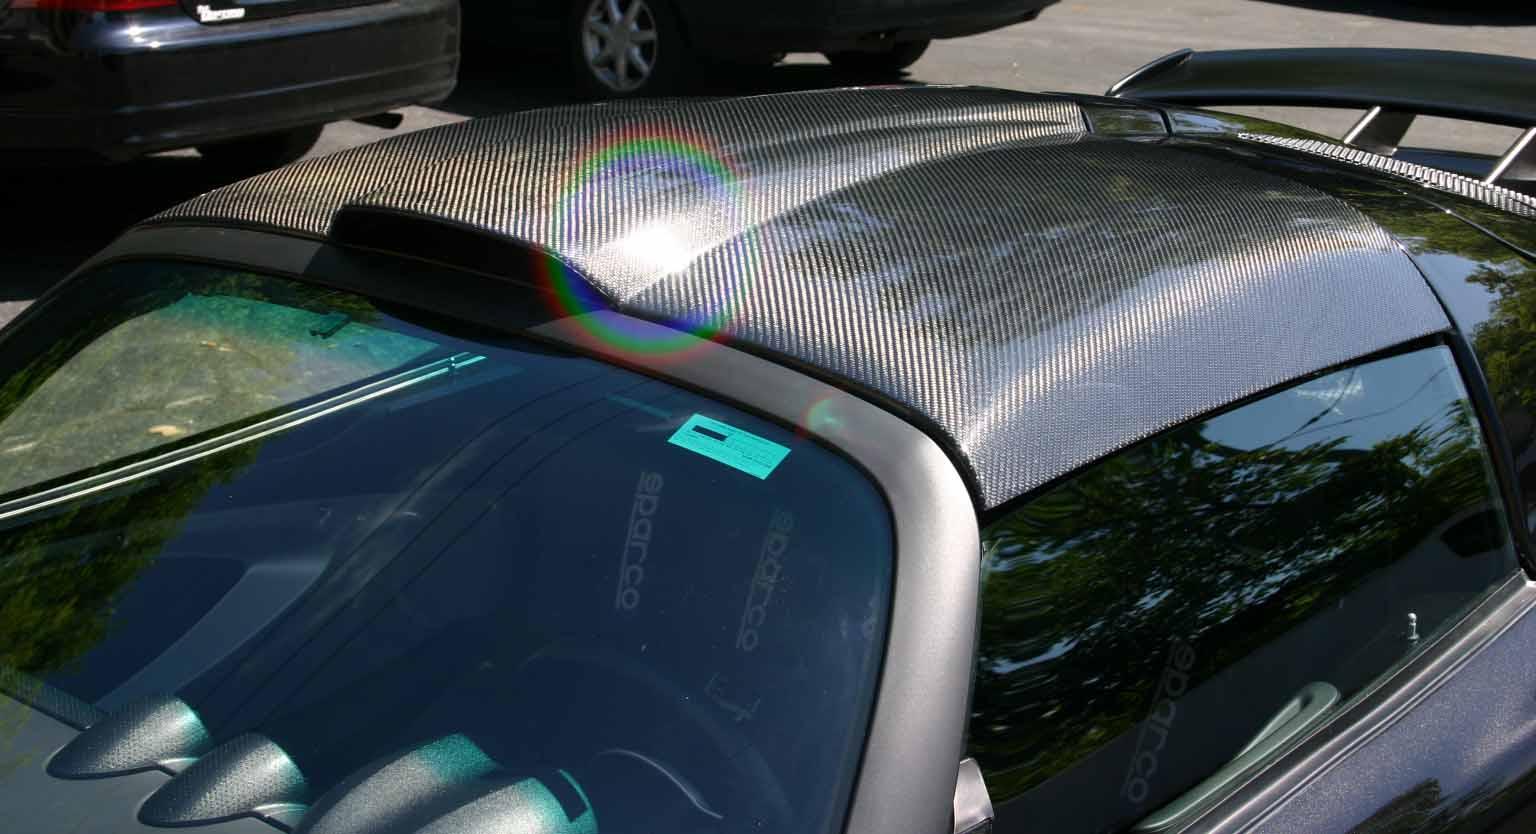 La zanzara 56820d1183137650-carbon-fiber-exige-cup-roof-roof1